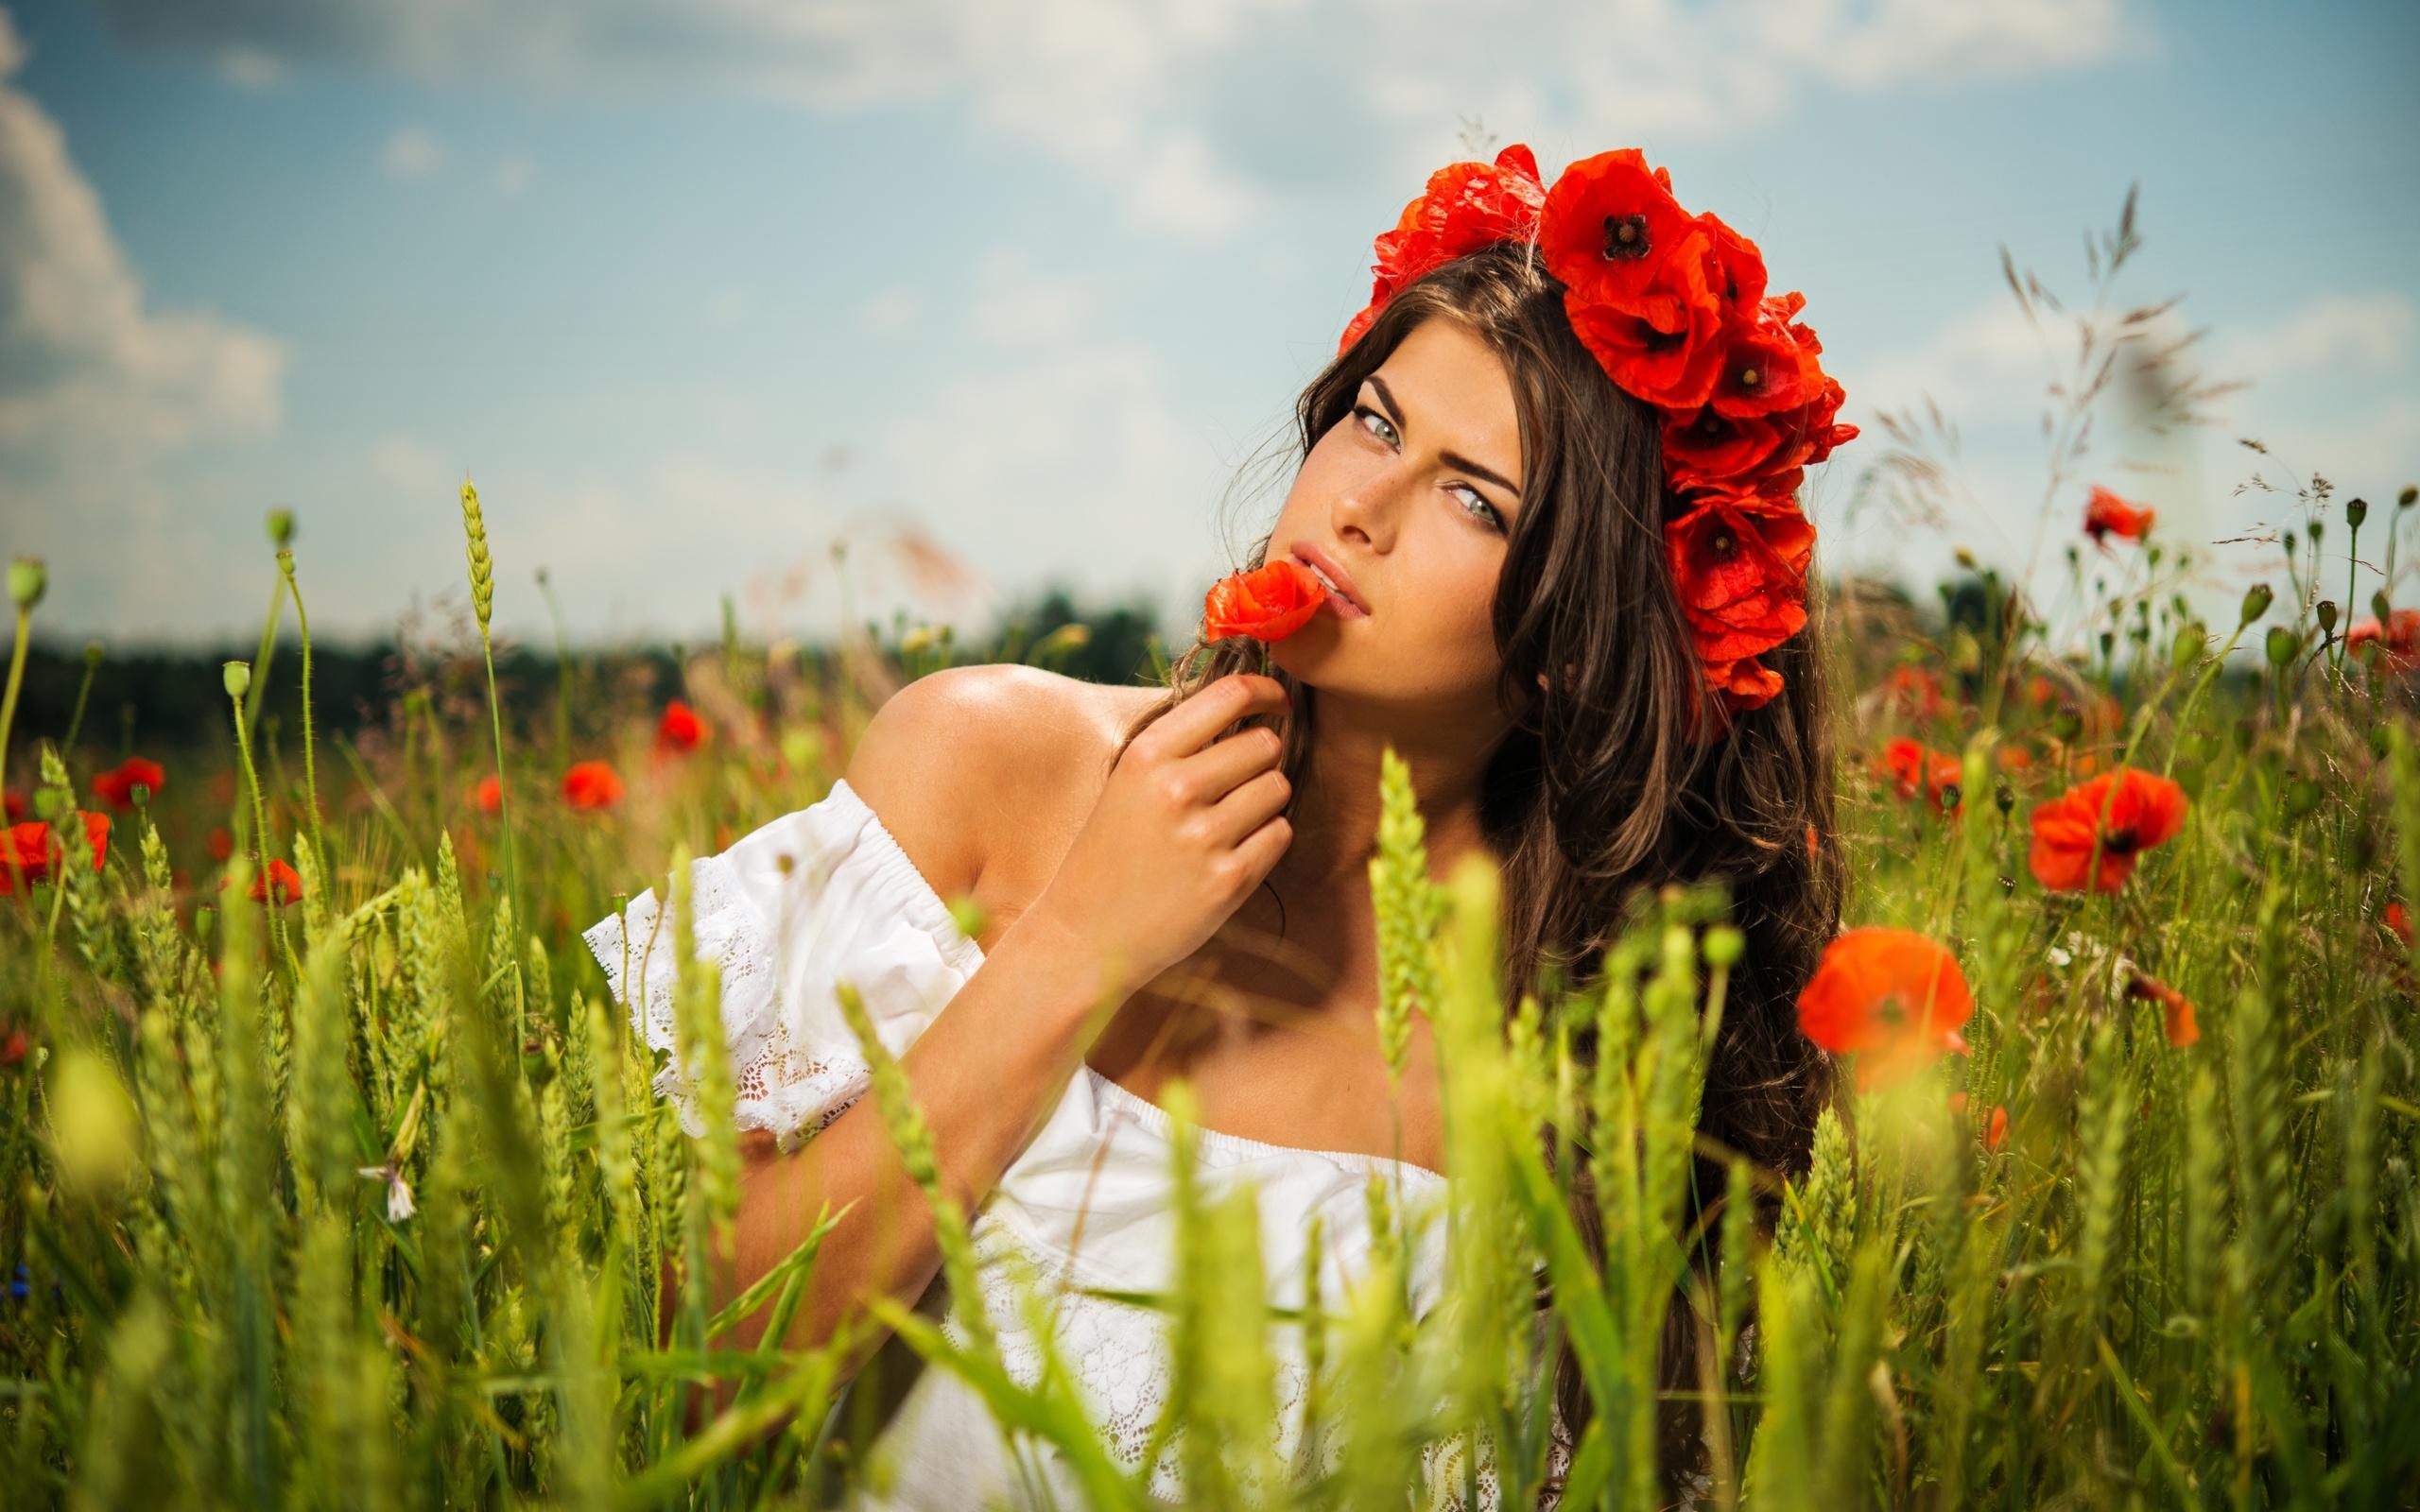 Девушка лето с цветами картинки